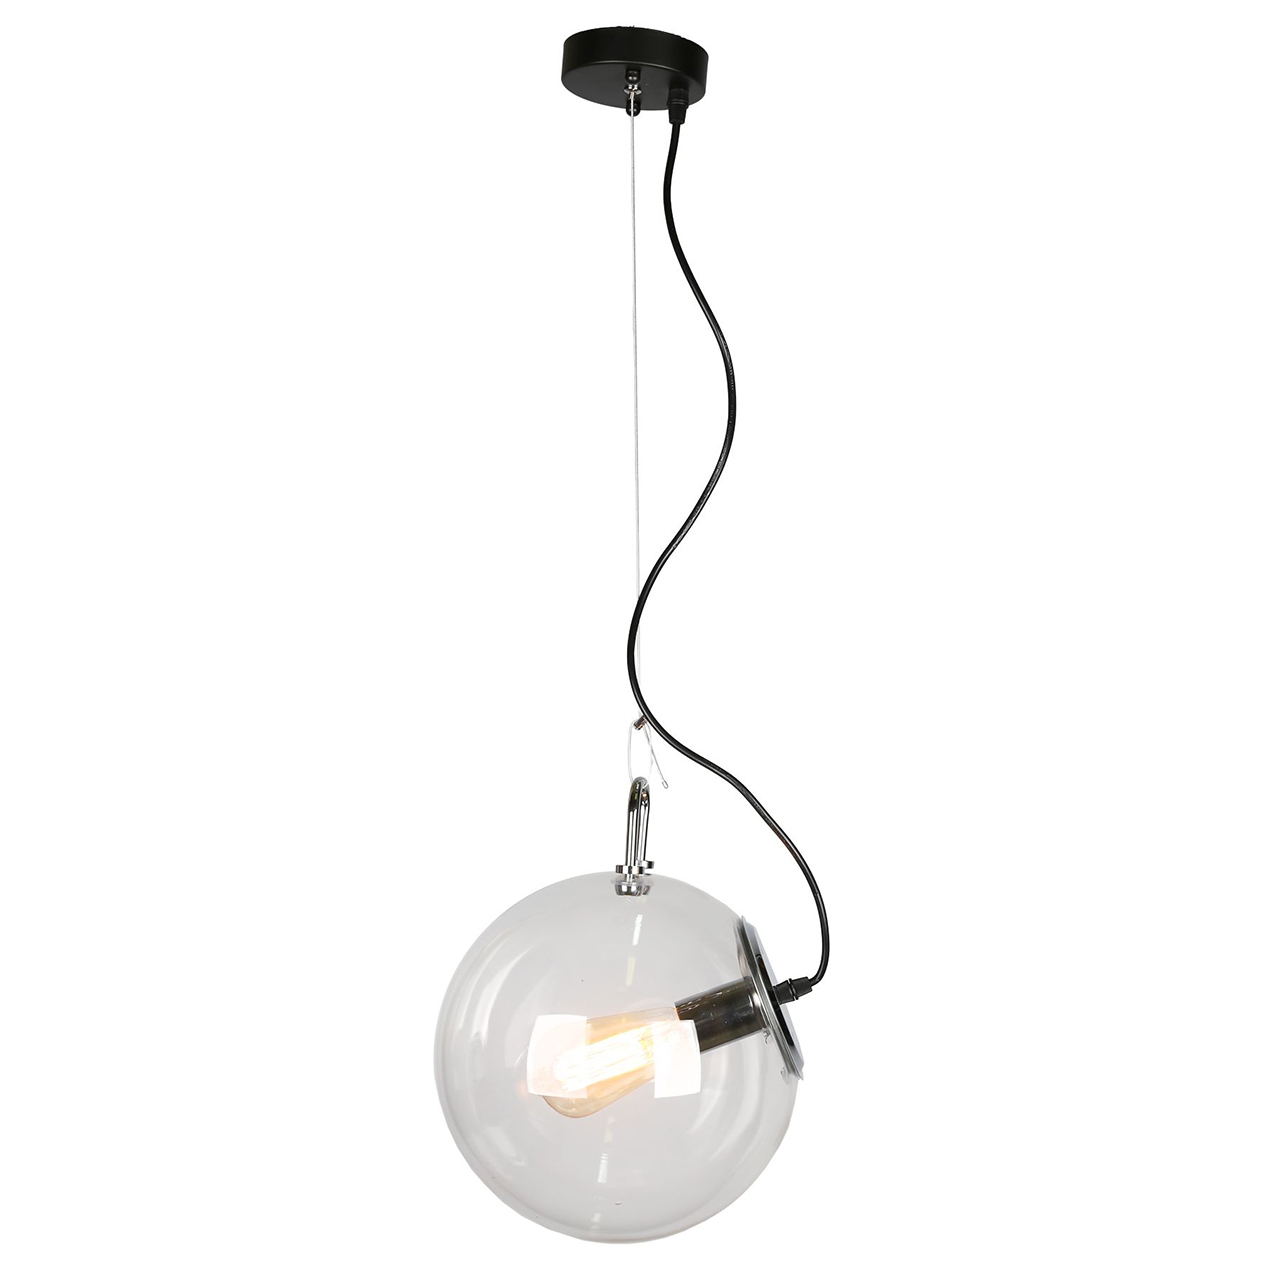 Подвесной светильник Omnilux OML-91406-01 omnilux подвесной светильник omnilux busachi oml 48313 50